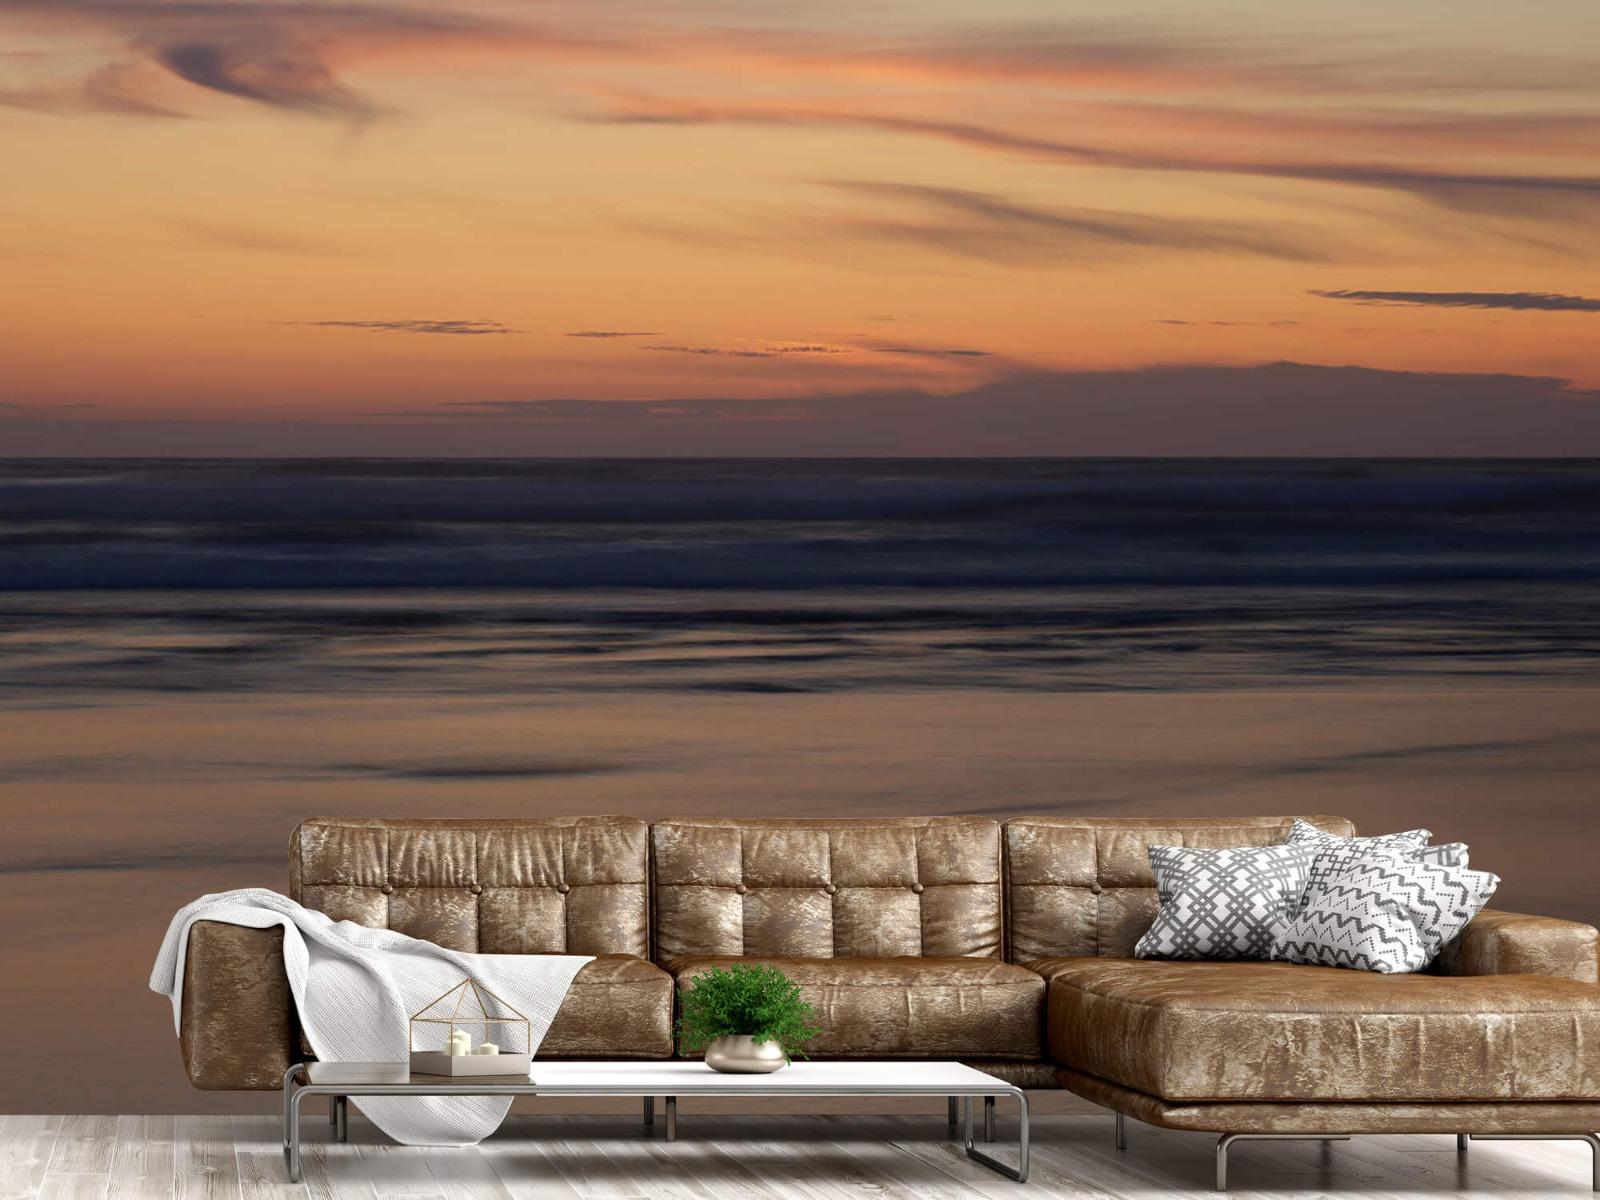 Zeeën en Oceanen - Zonsondergang aan de kust - Slaapkamer 14